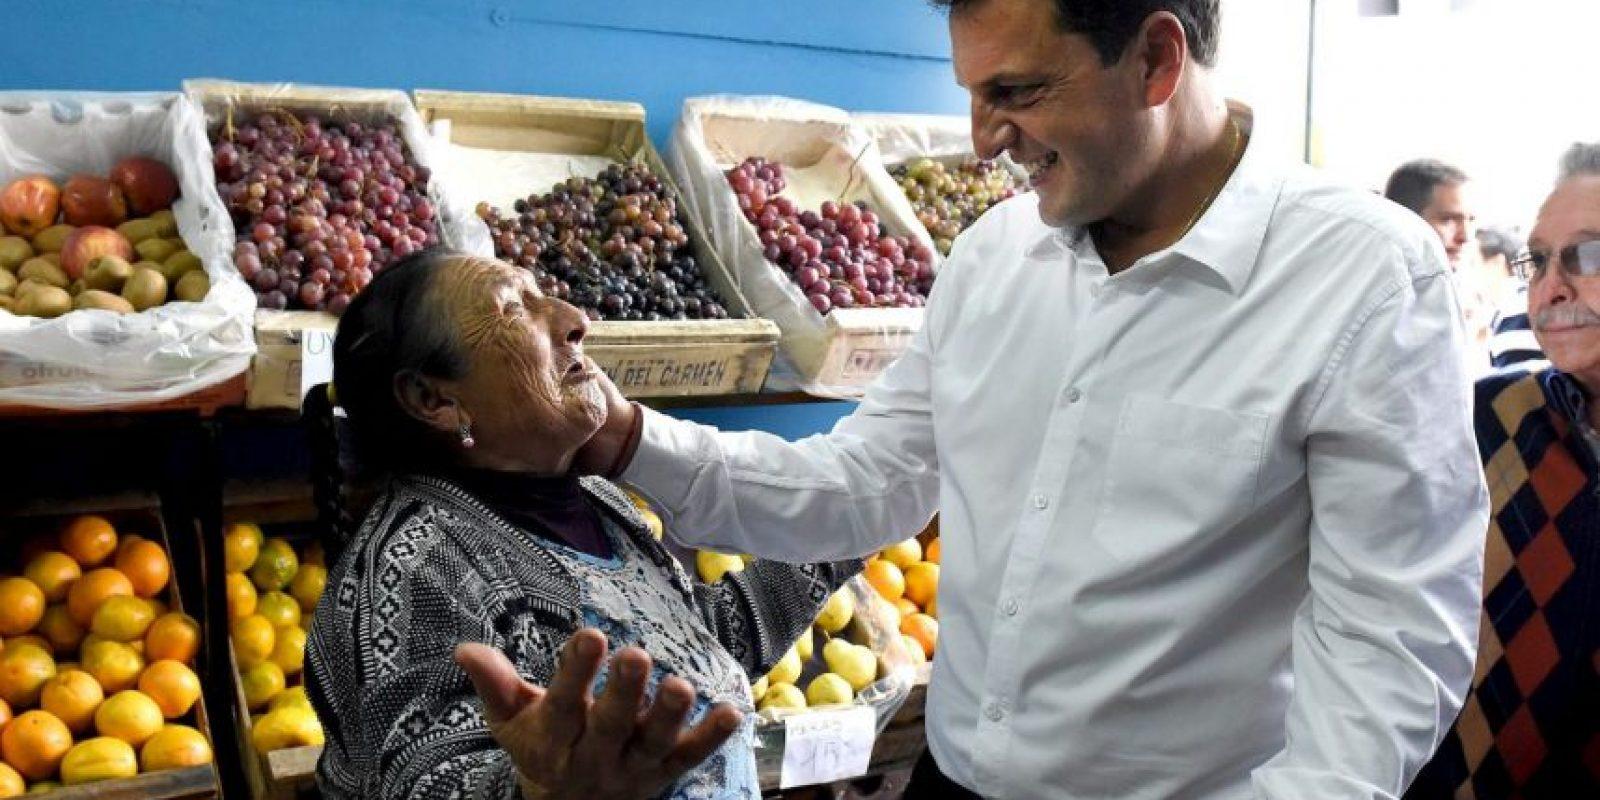 Fue jefe de Gabinete de Cristina Fernández, pero rompió relaciones con ella y en 2013 fundó su propio partido político Foto:Facebook.com/SergioMassaOK